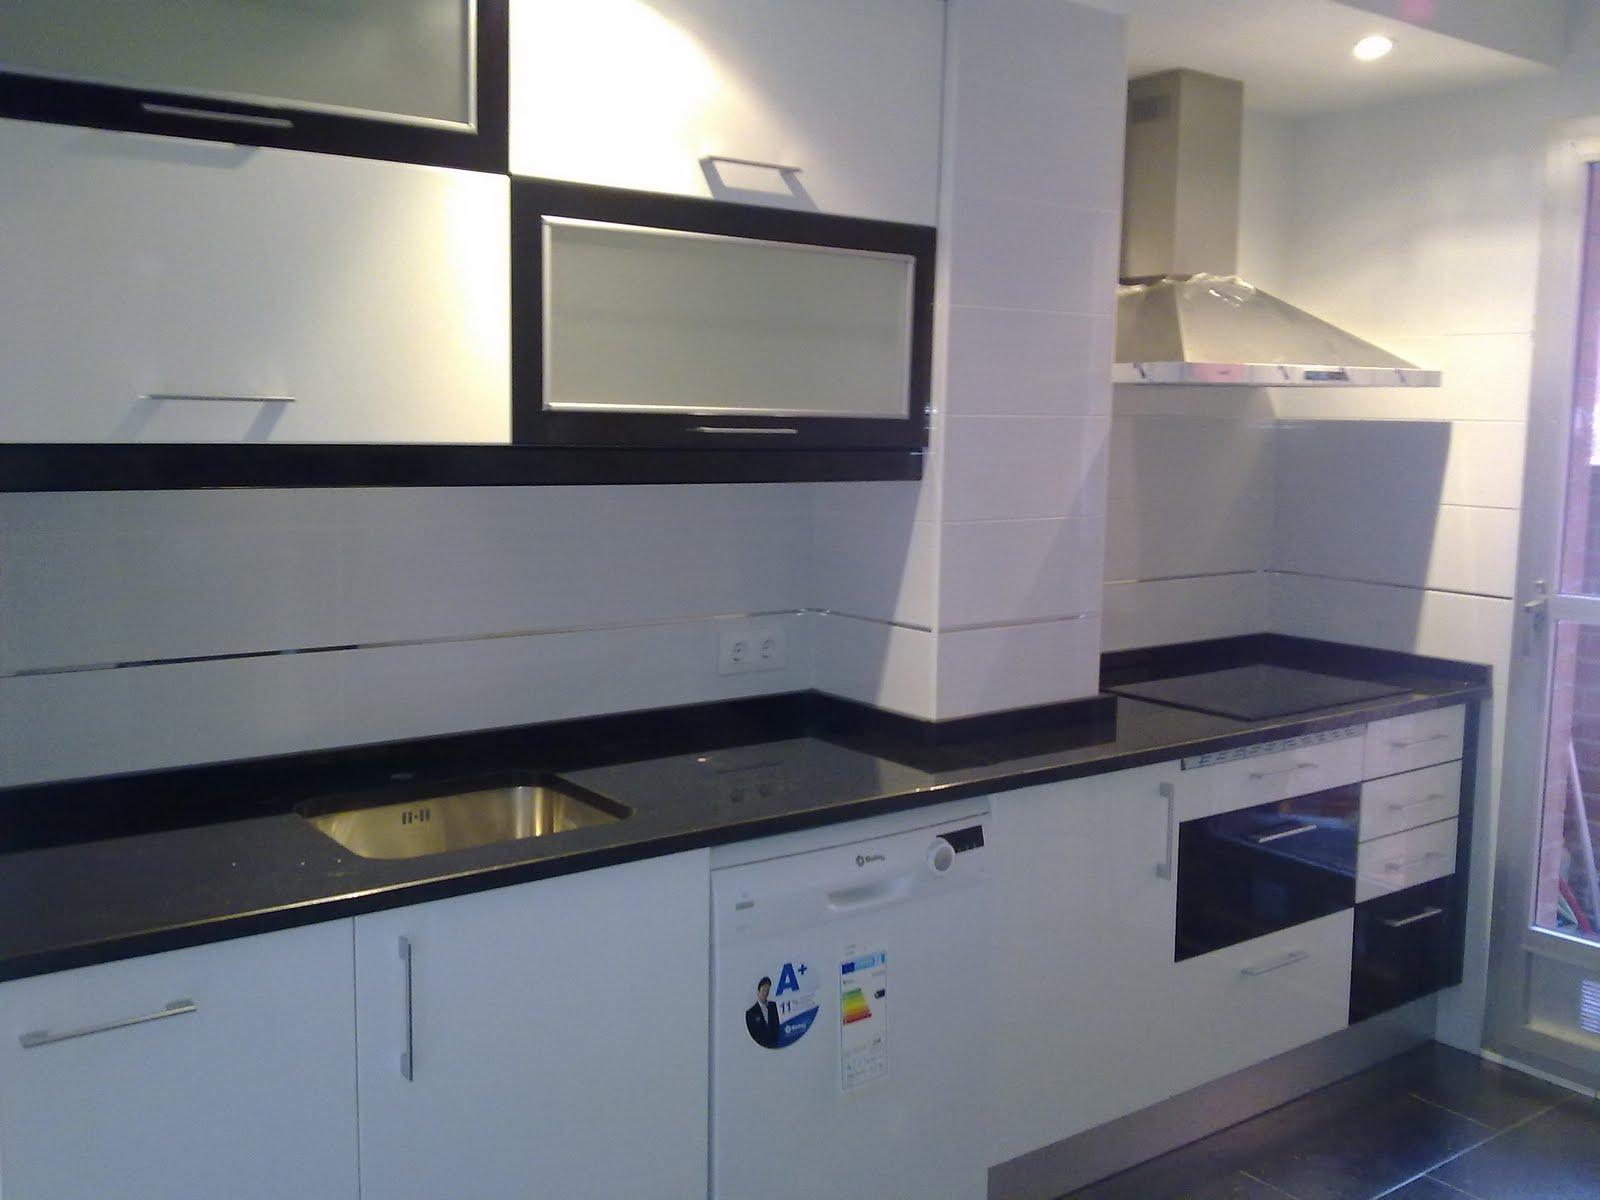 Laminado alto brillo 2011 136 a 138 cocinas ayz eurolar for Muebles de cocina sueltos